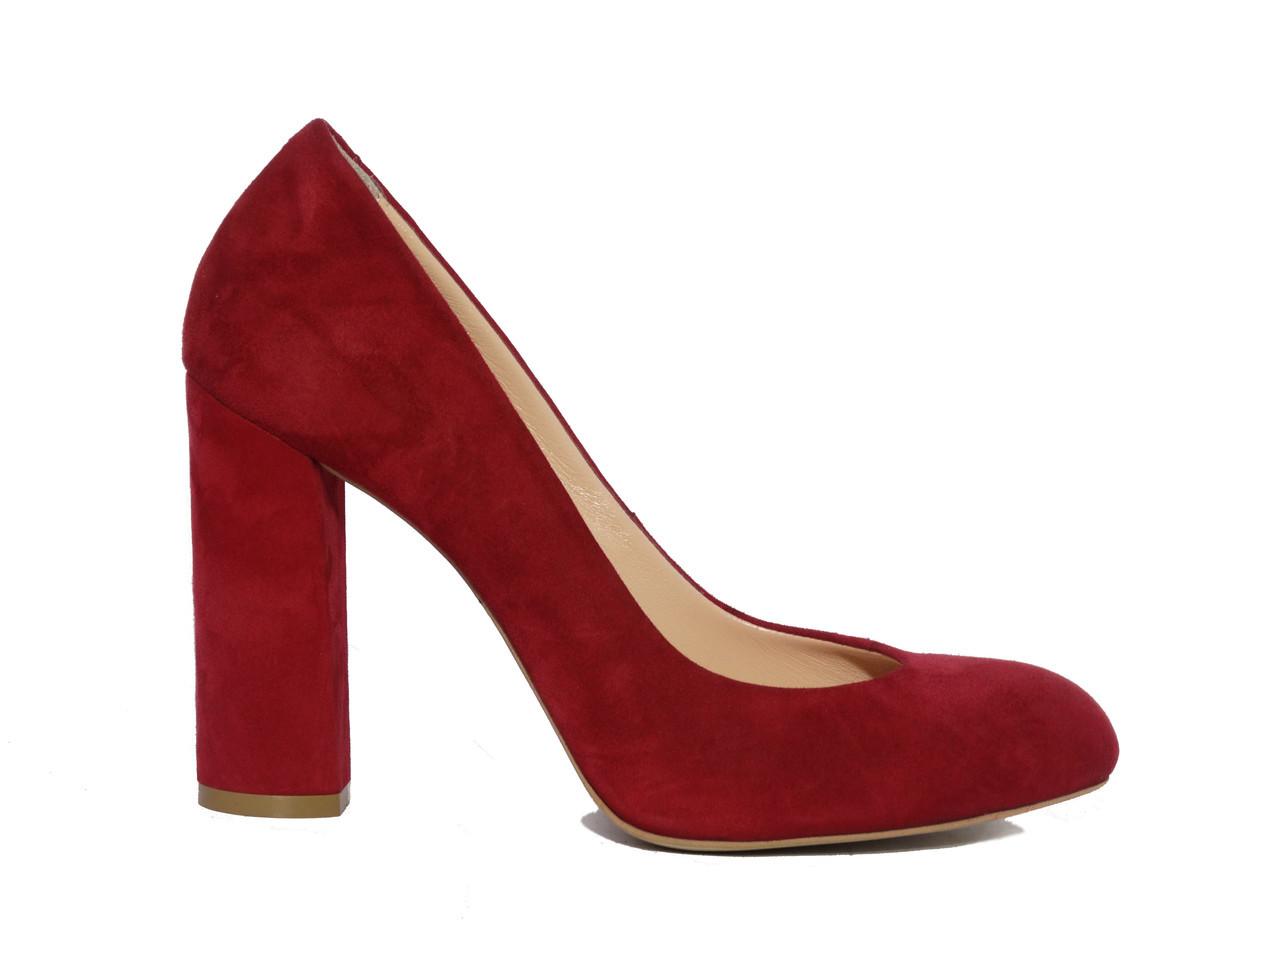 Женские замшевые туфли-классика на толстом каблуке (красные) Mario Muzi №  97405 - 4911ee53b54cc